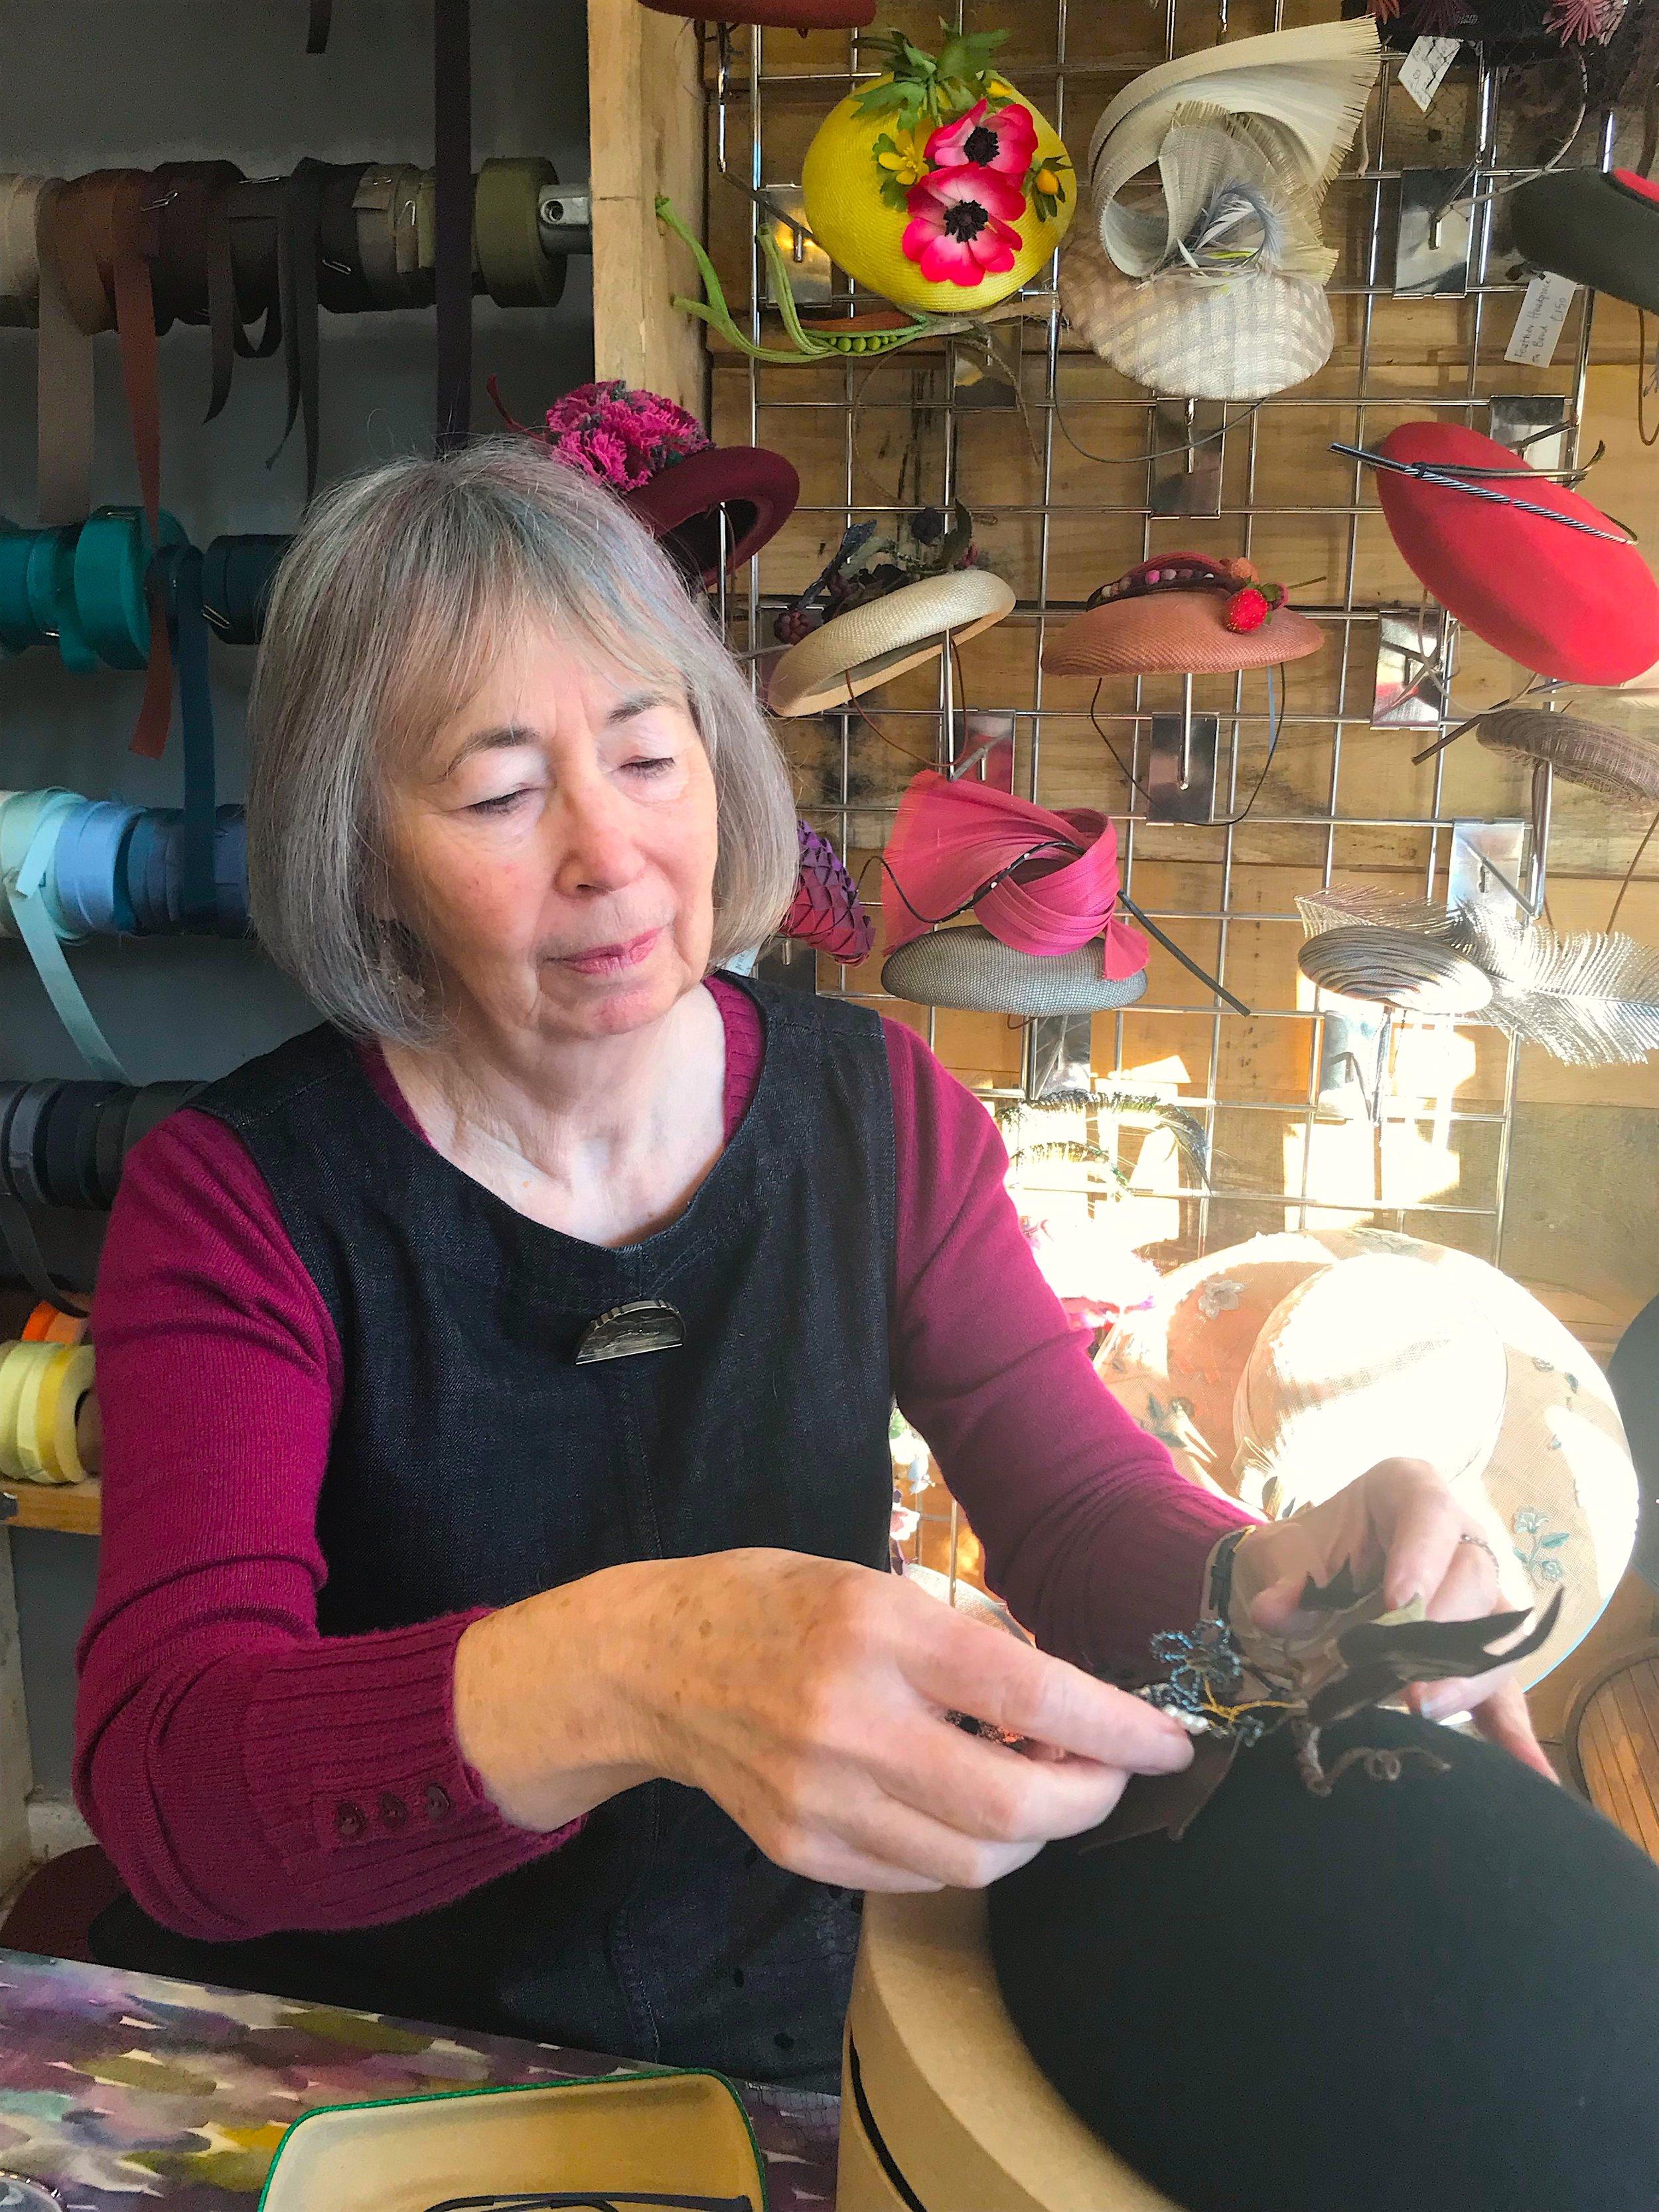 Lynn especially enjoys working with felt